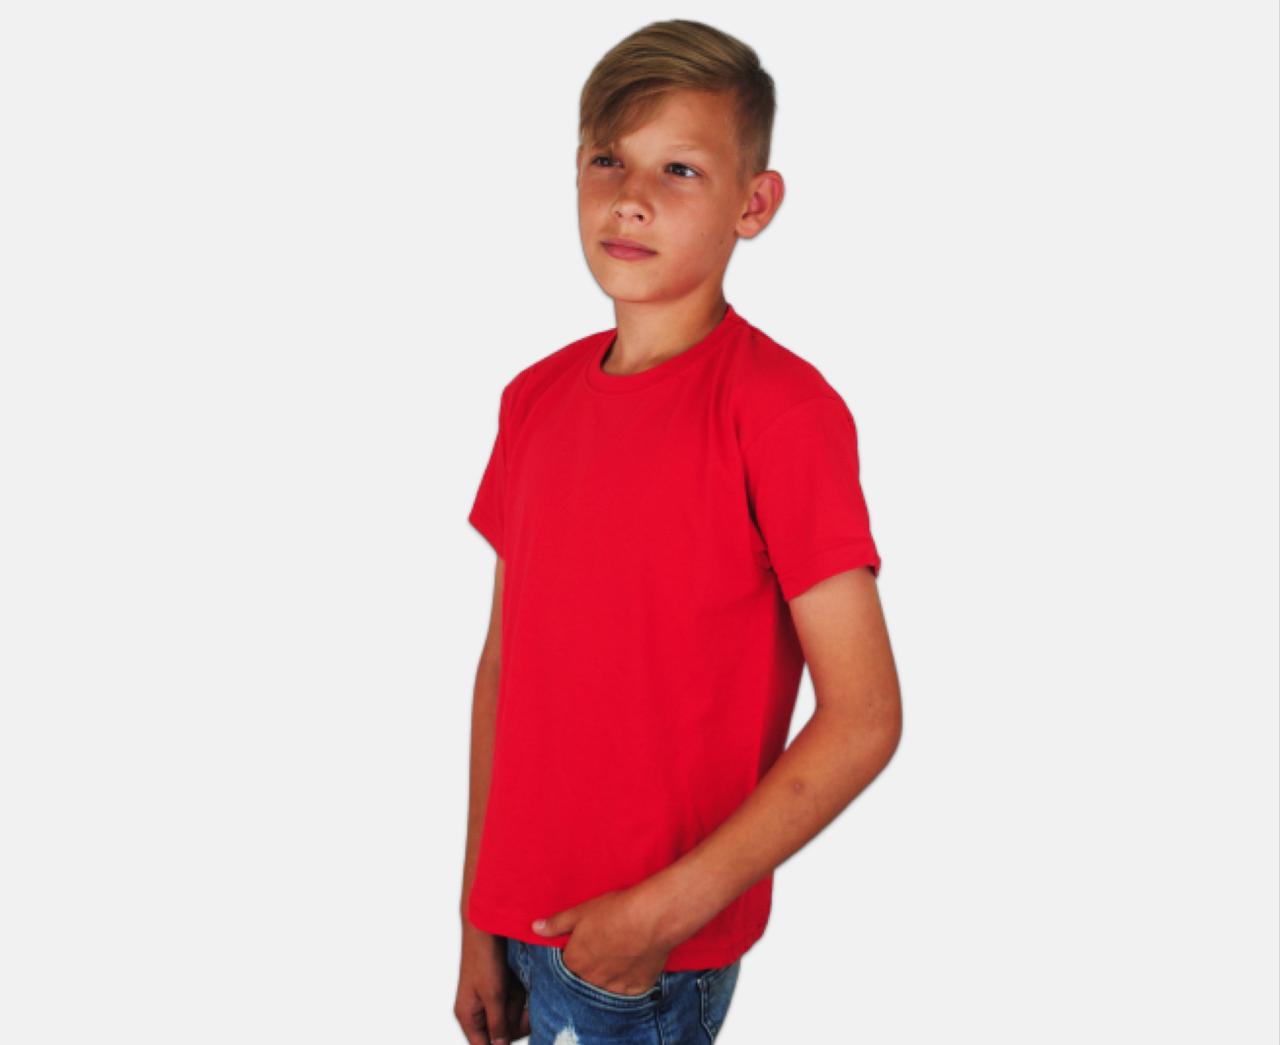 Детская Классическая Футболка для Мальчиков Красная Fruit of the loom 61-033-40 7-8